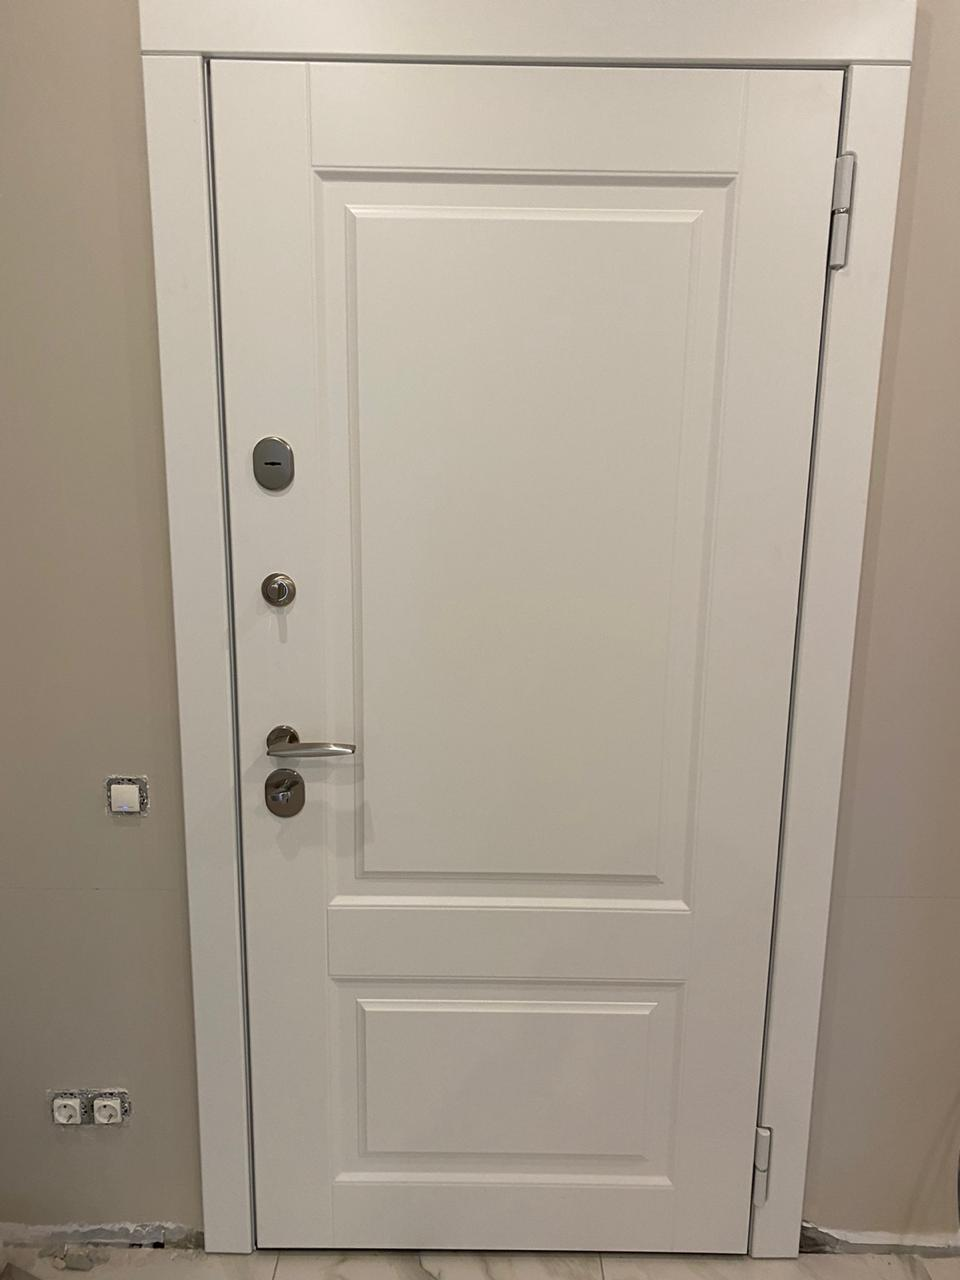 входная дверь внутреннего открывания белая П-45 фурнитура сатин стальная линия